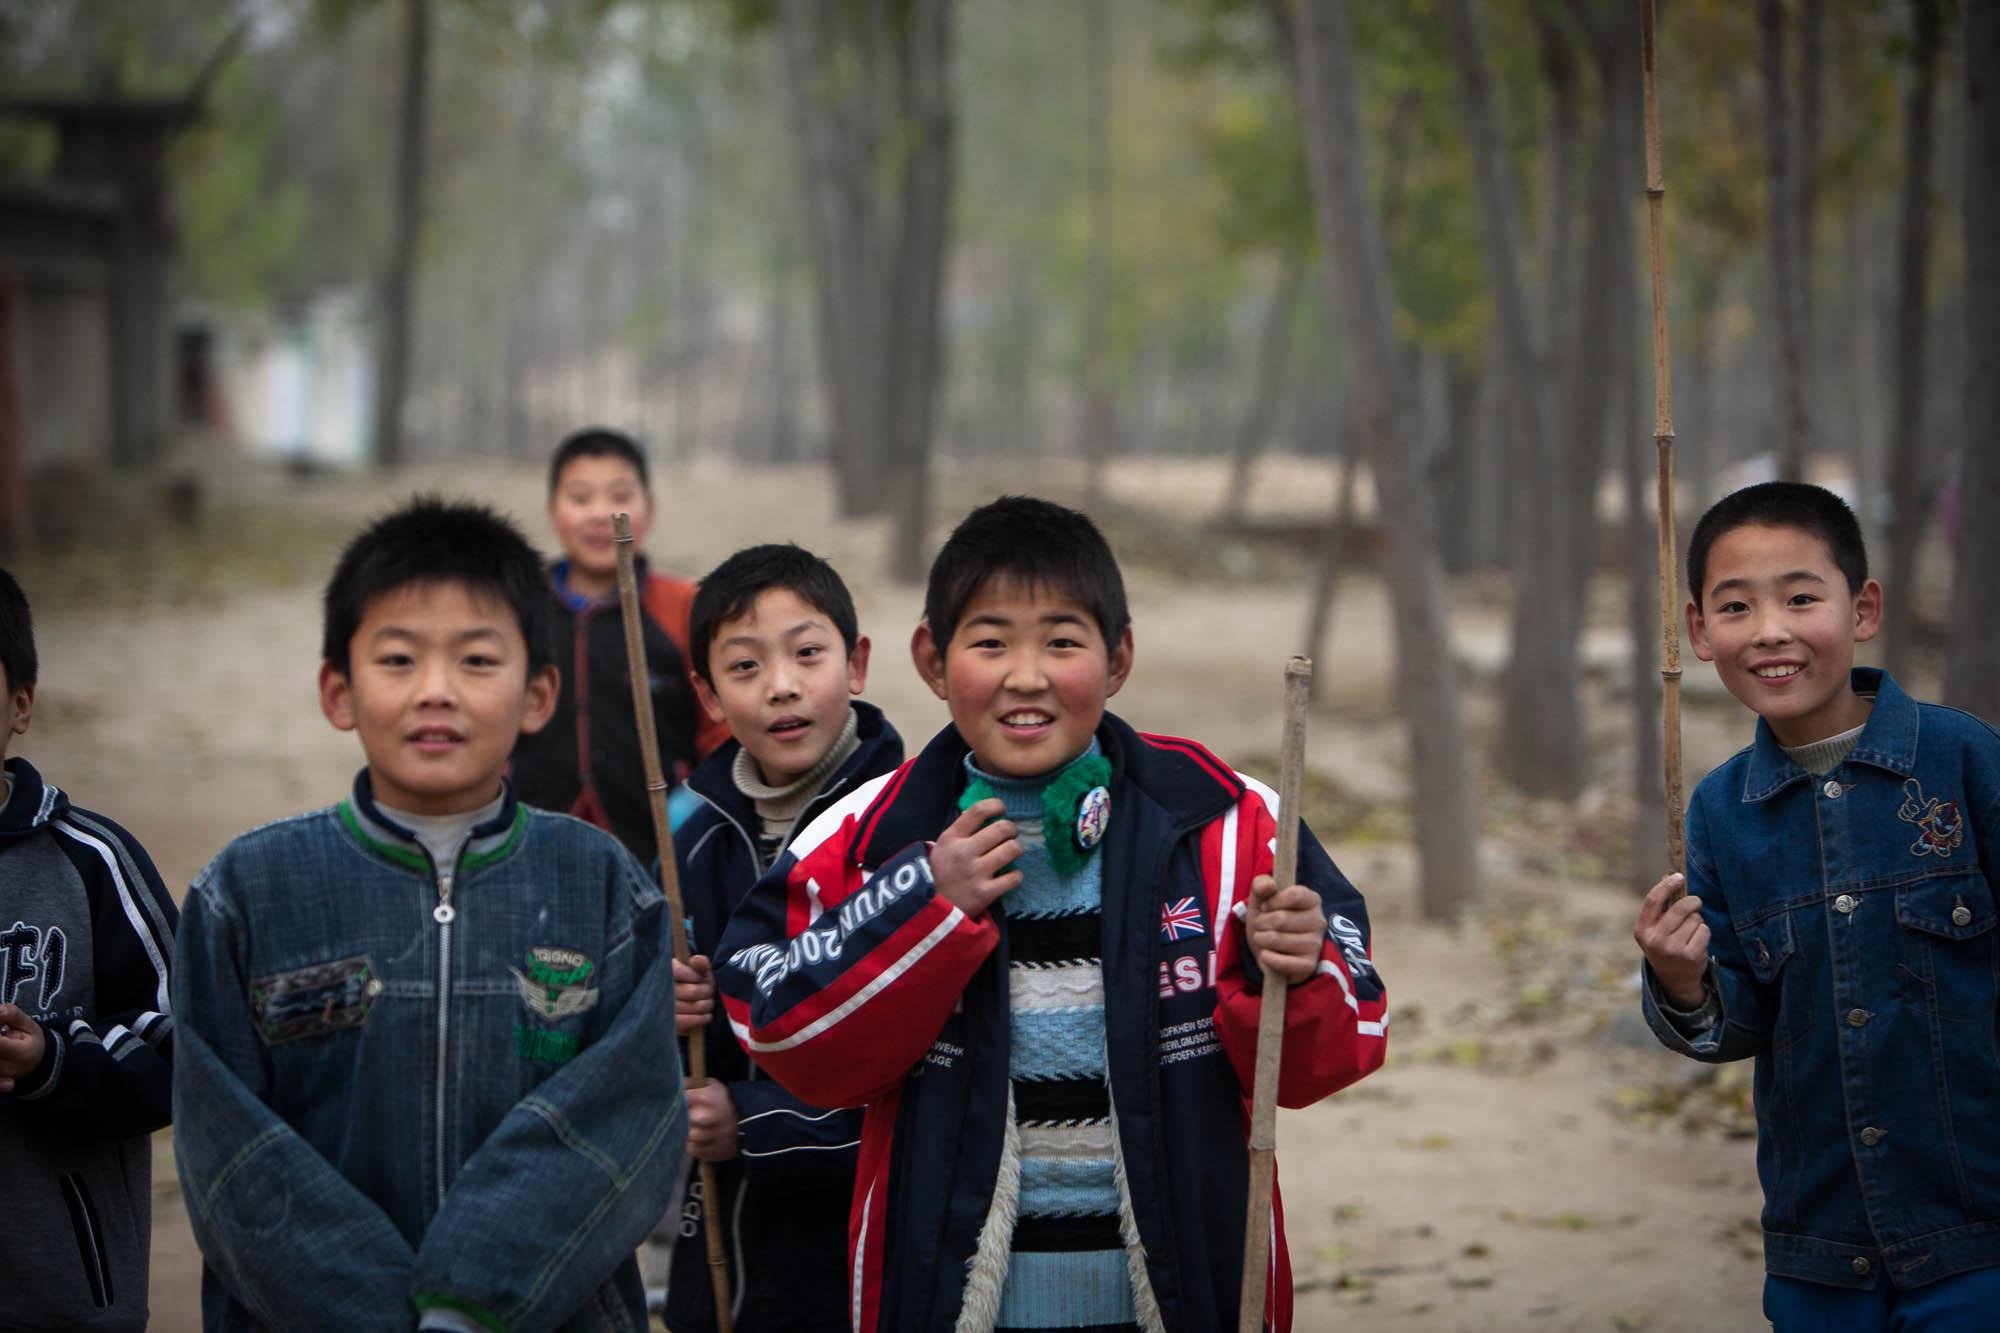 village kids in Hebei